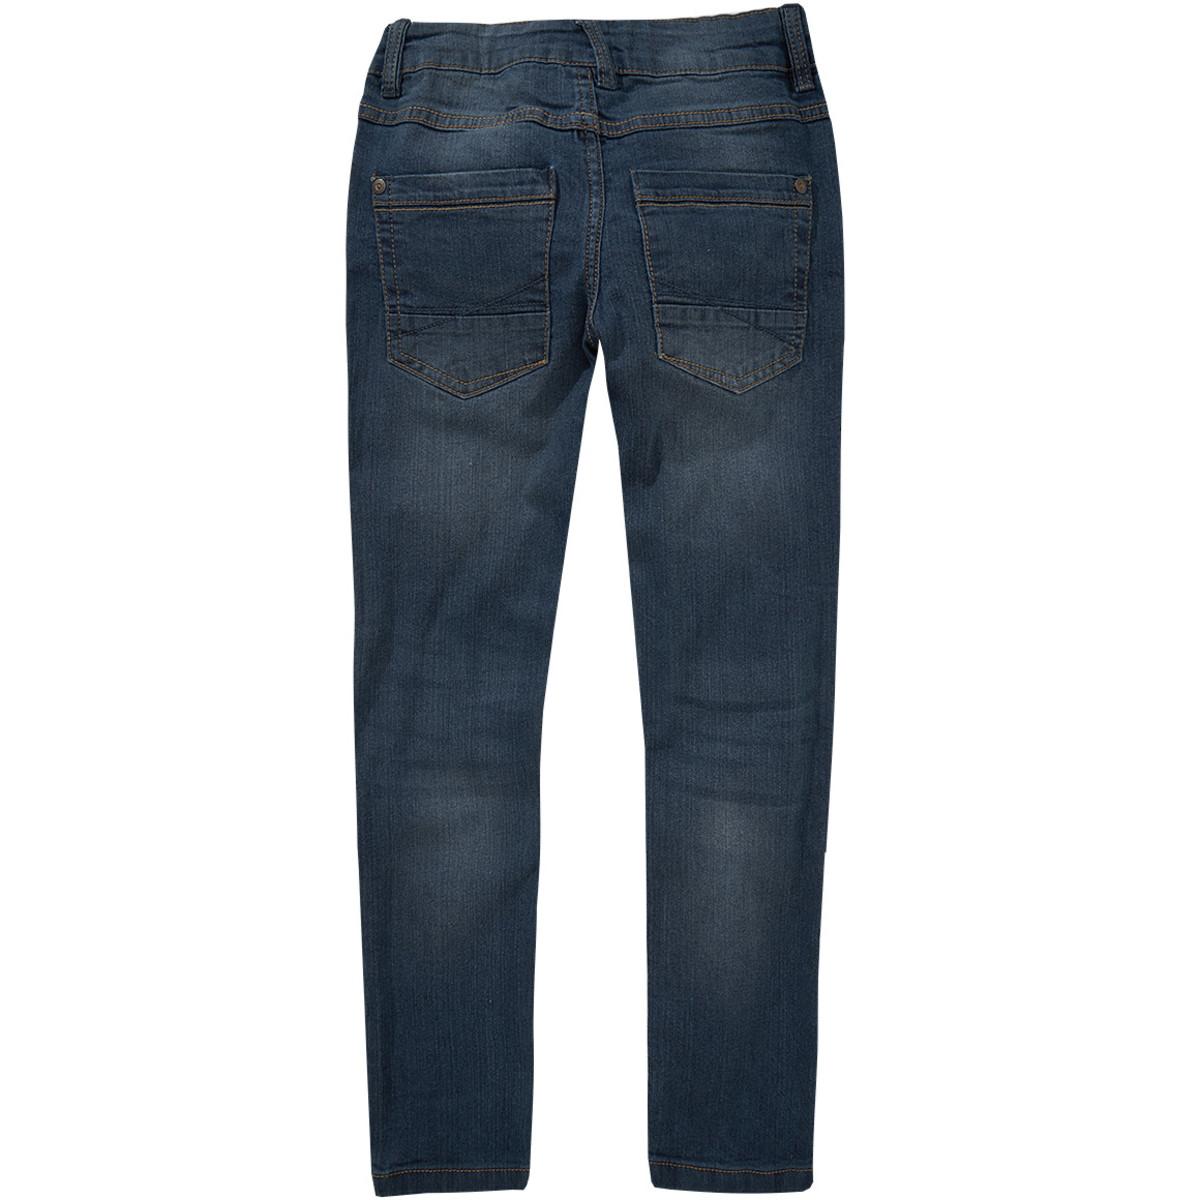 Bild 3 von Jungen Slim-Jeans mit verstellbarem Bund